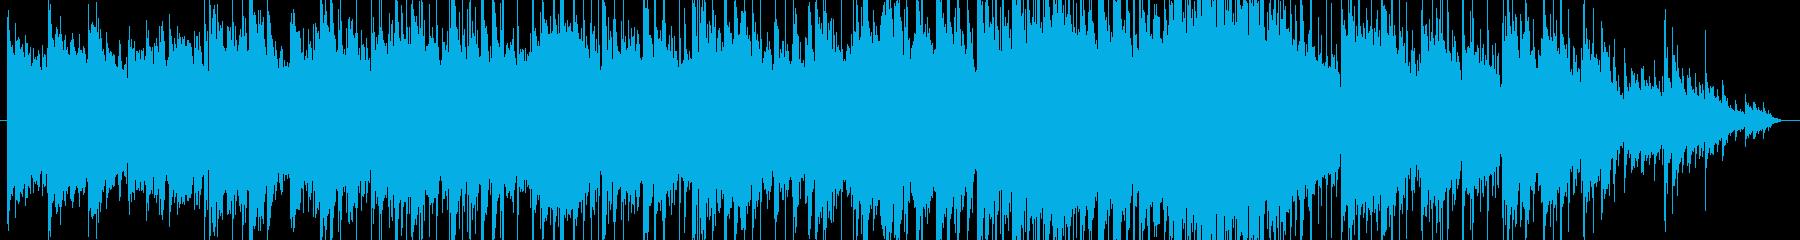 ほのぼのとした浮遊感のあるポップな曲の再生済みの波形